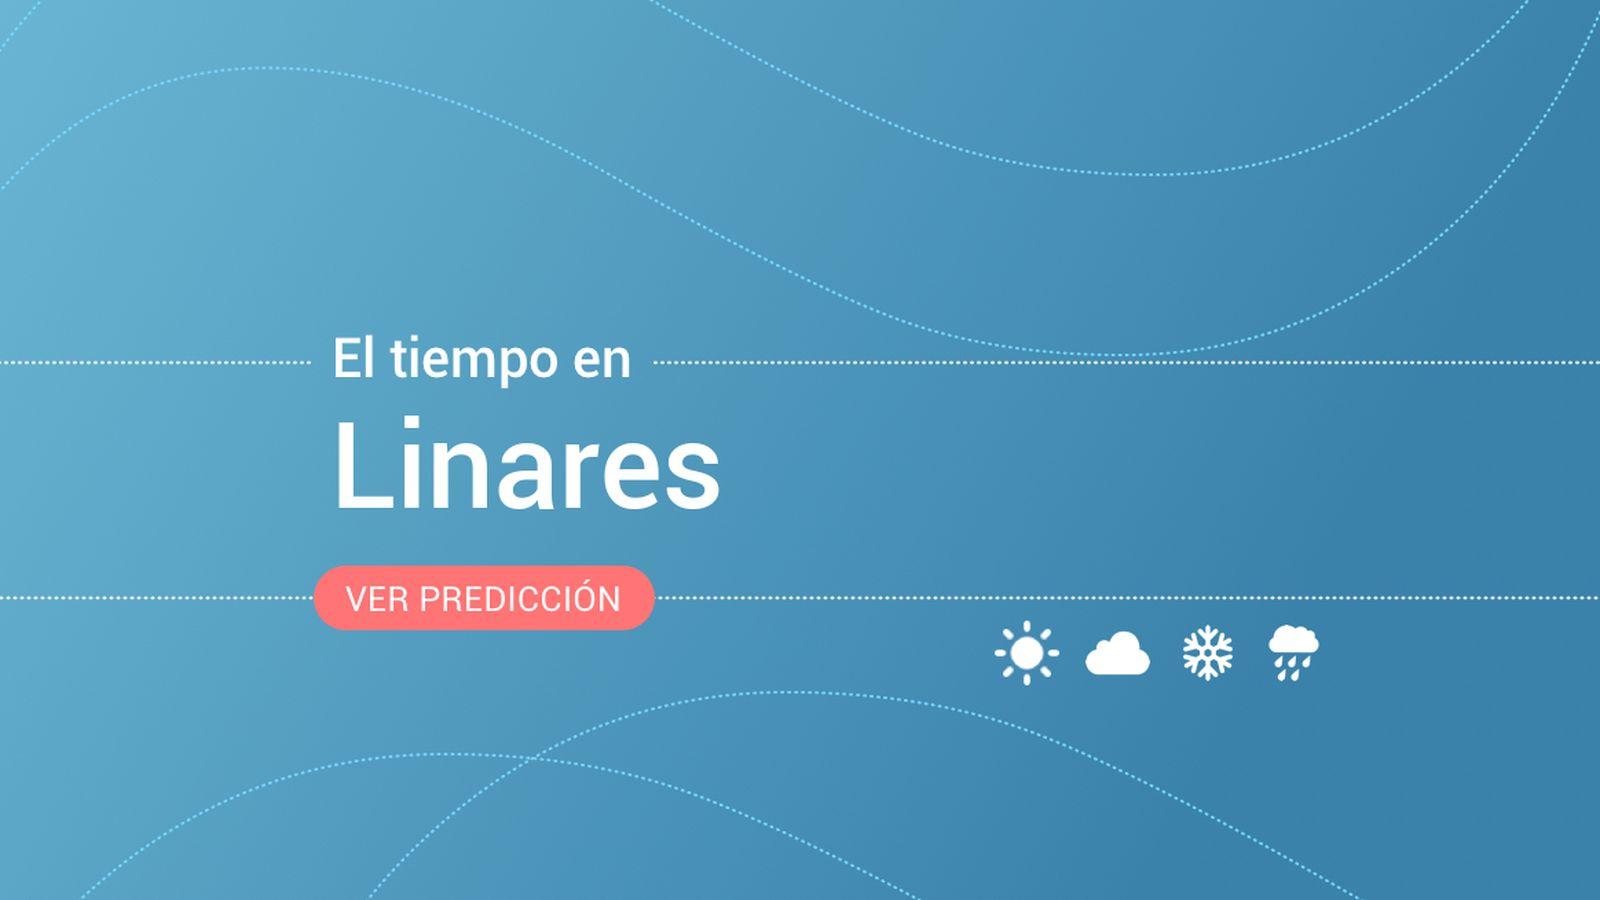 Foto: El tiempo en Linares. (EC)